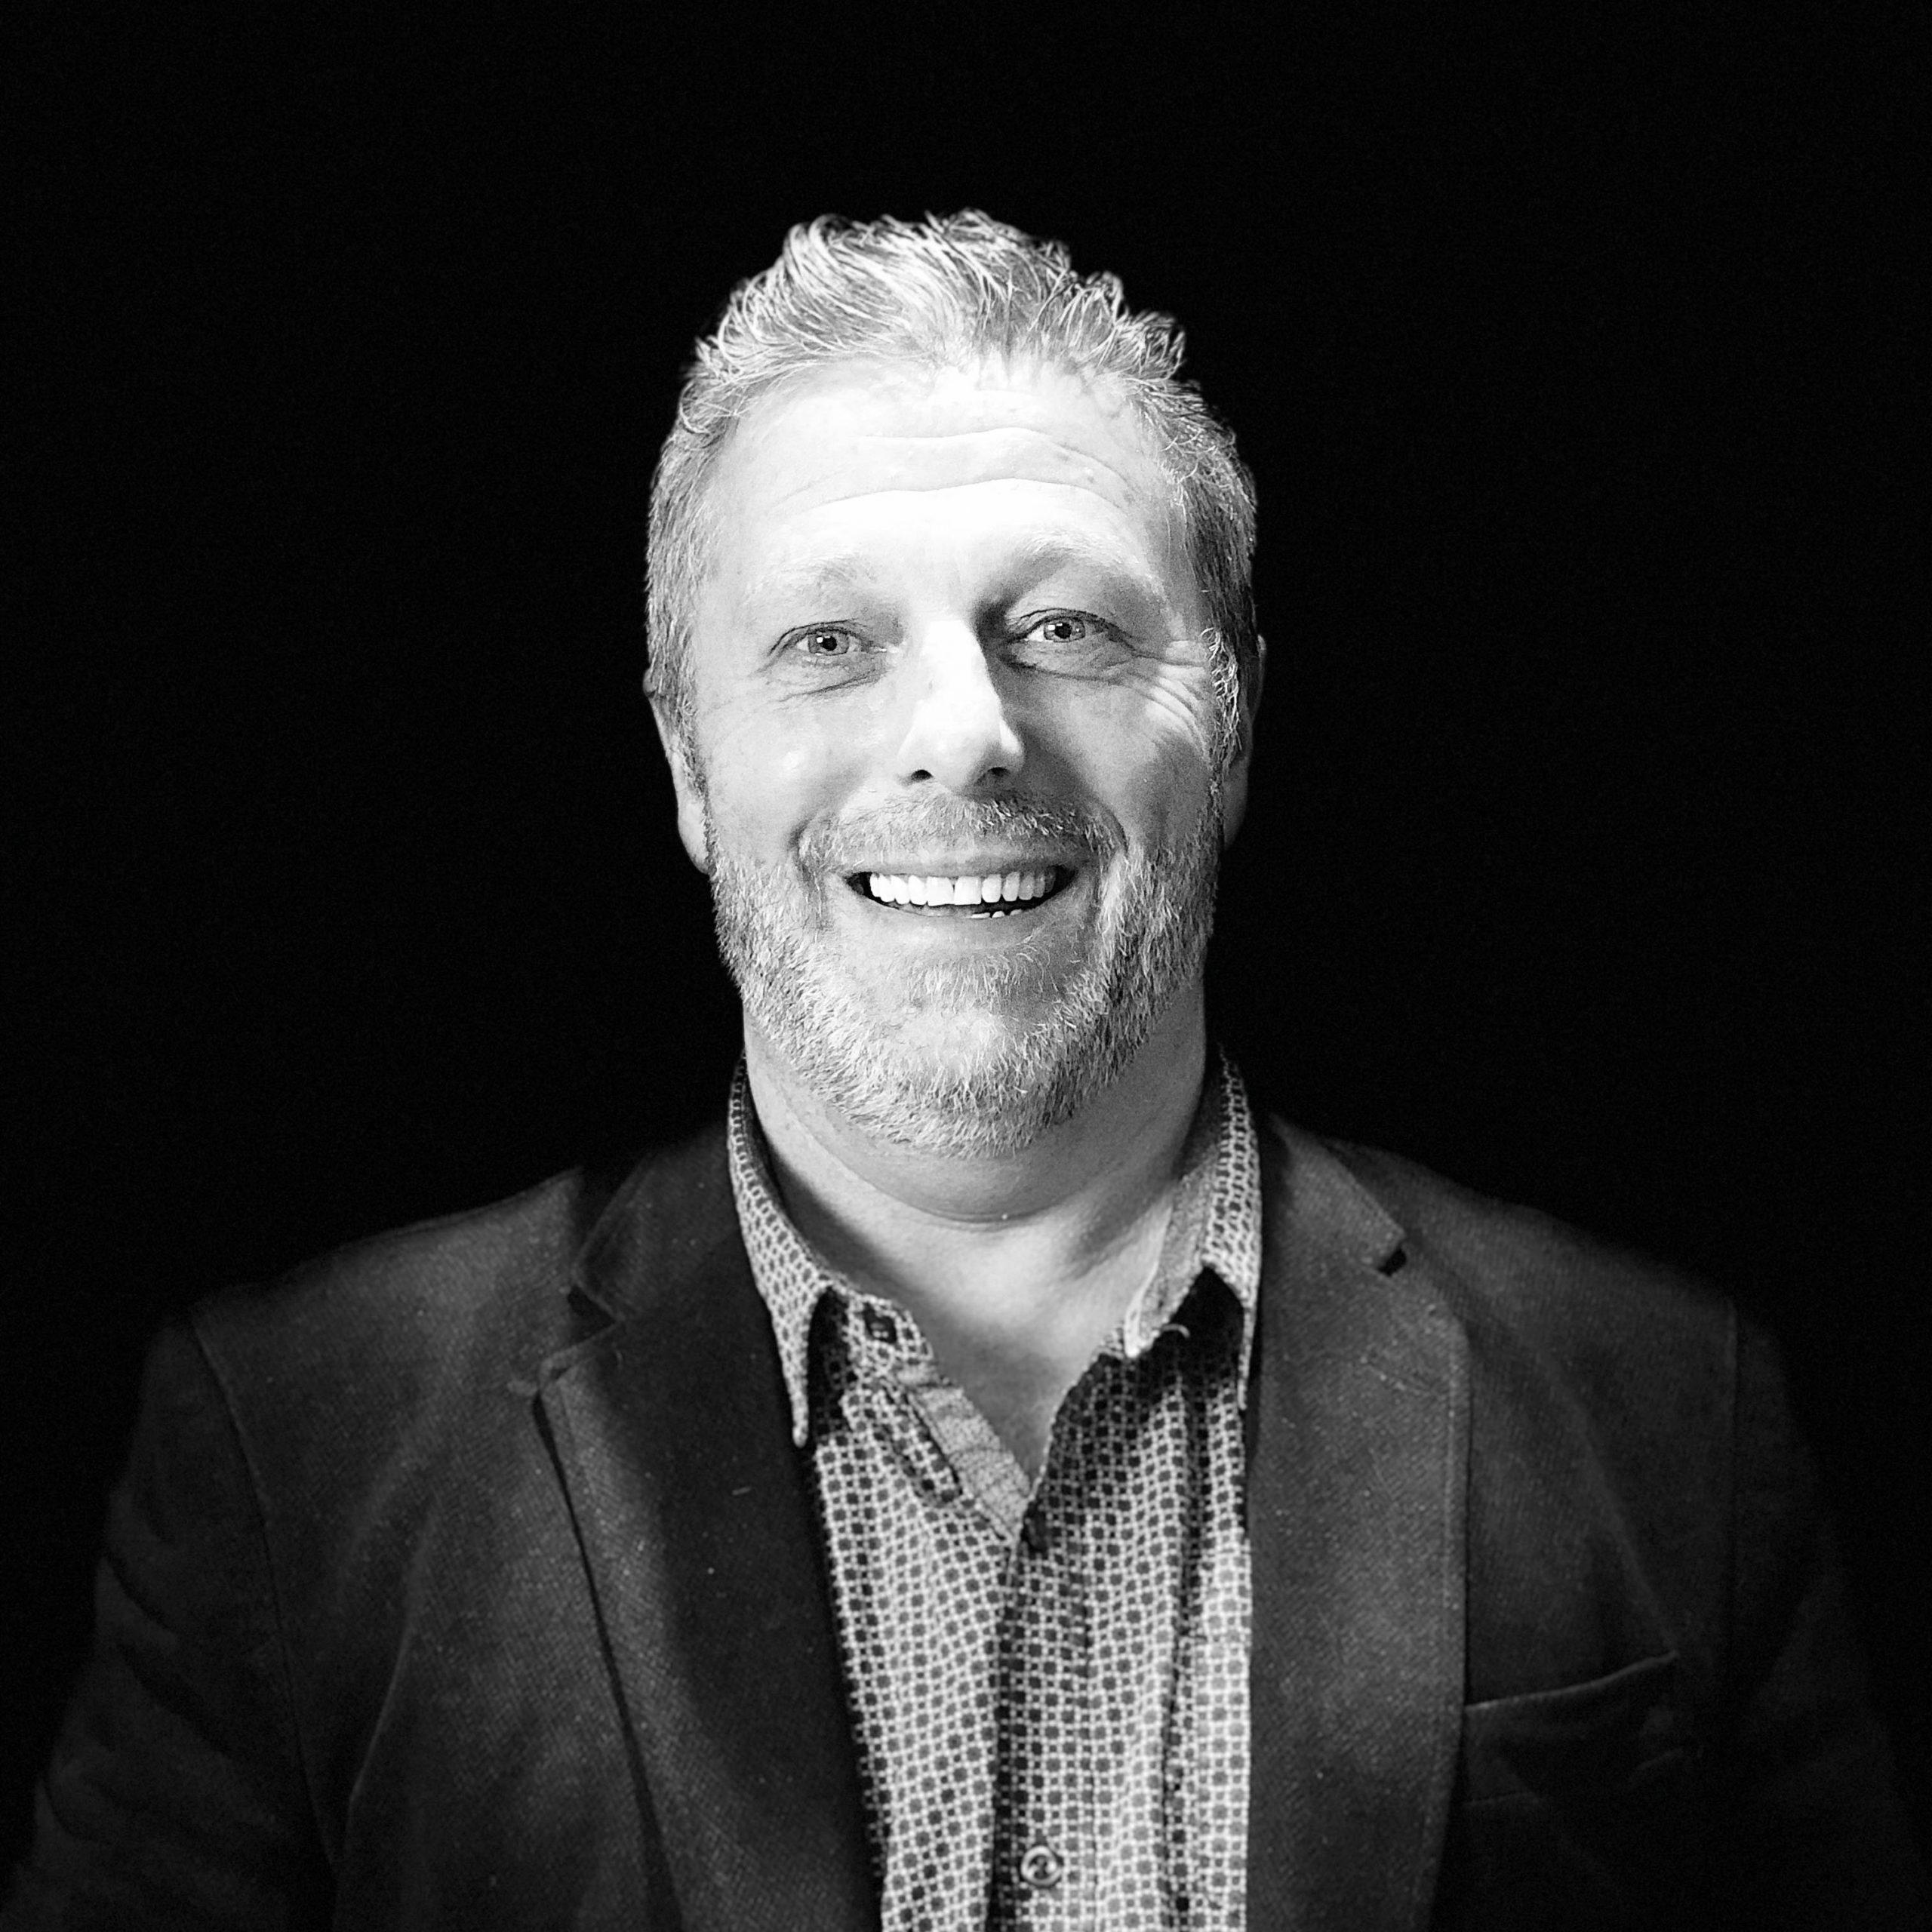 Portrait en noir et blanc de Gilles Paquette